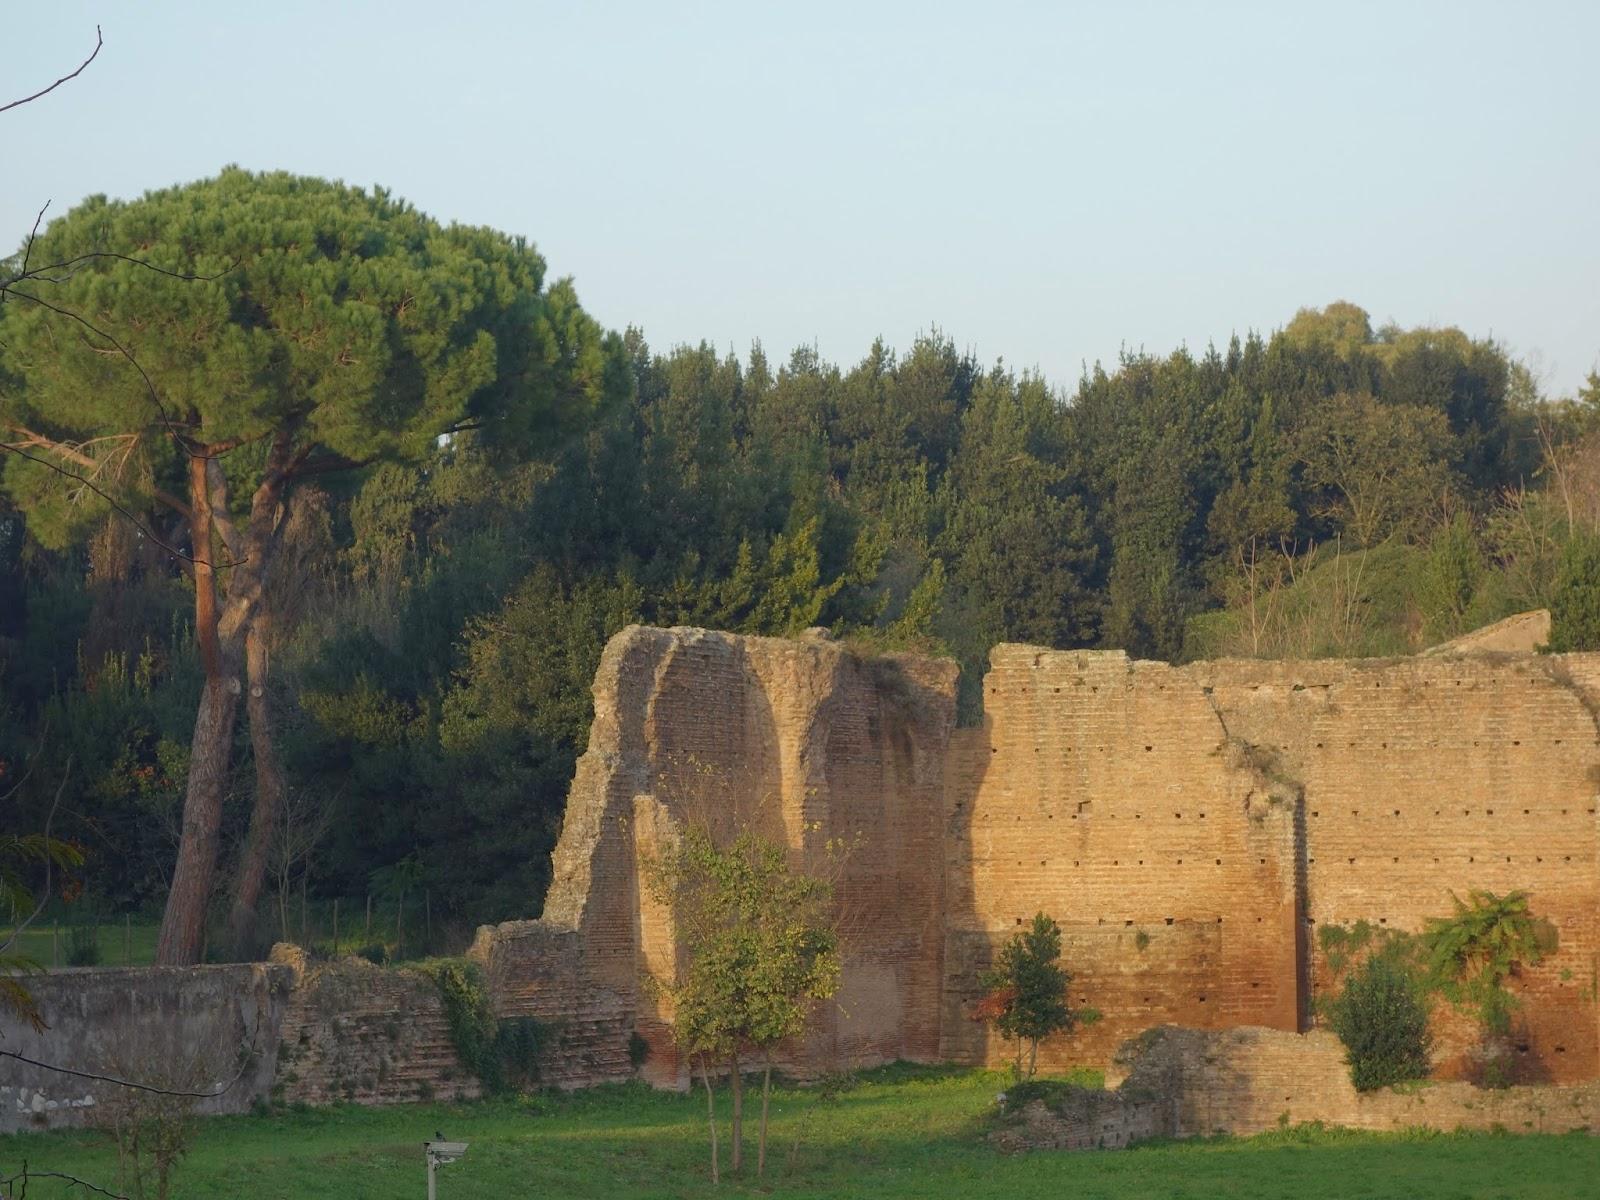 Villa Maxencio guiaderoma - A Via Appia Antiga